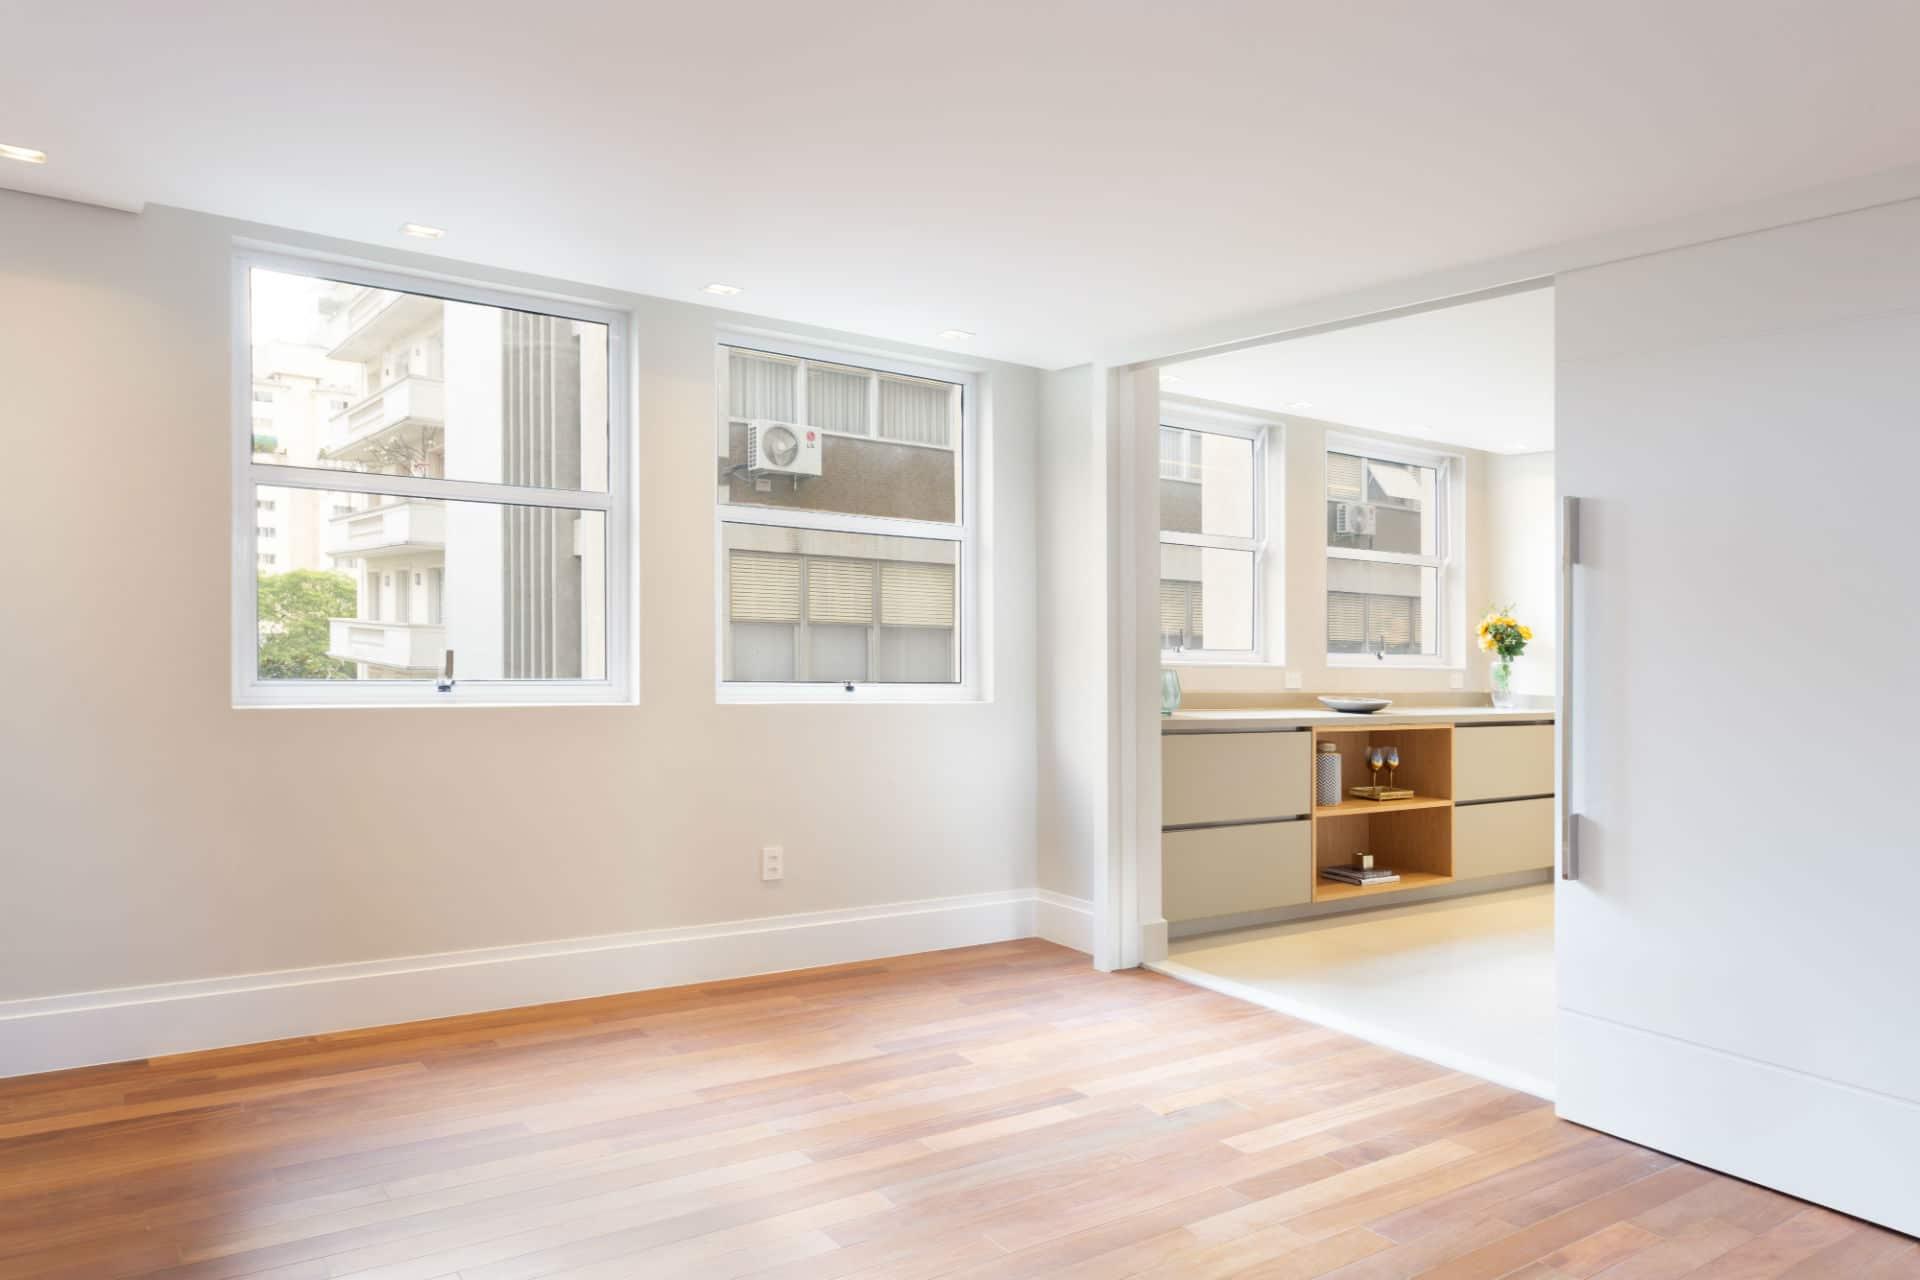 Antes & depois: veja como a reforma transformou a sala de jantar deste apartamento nos Jardins